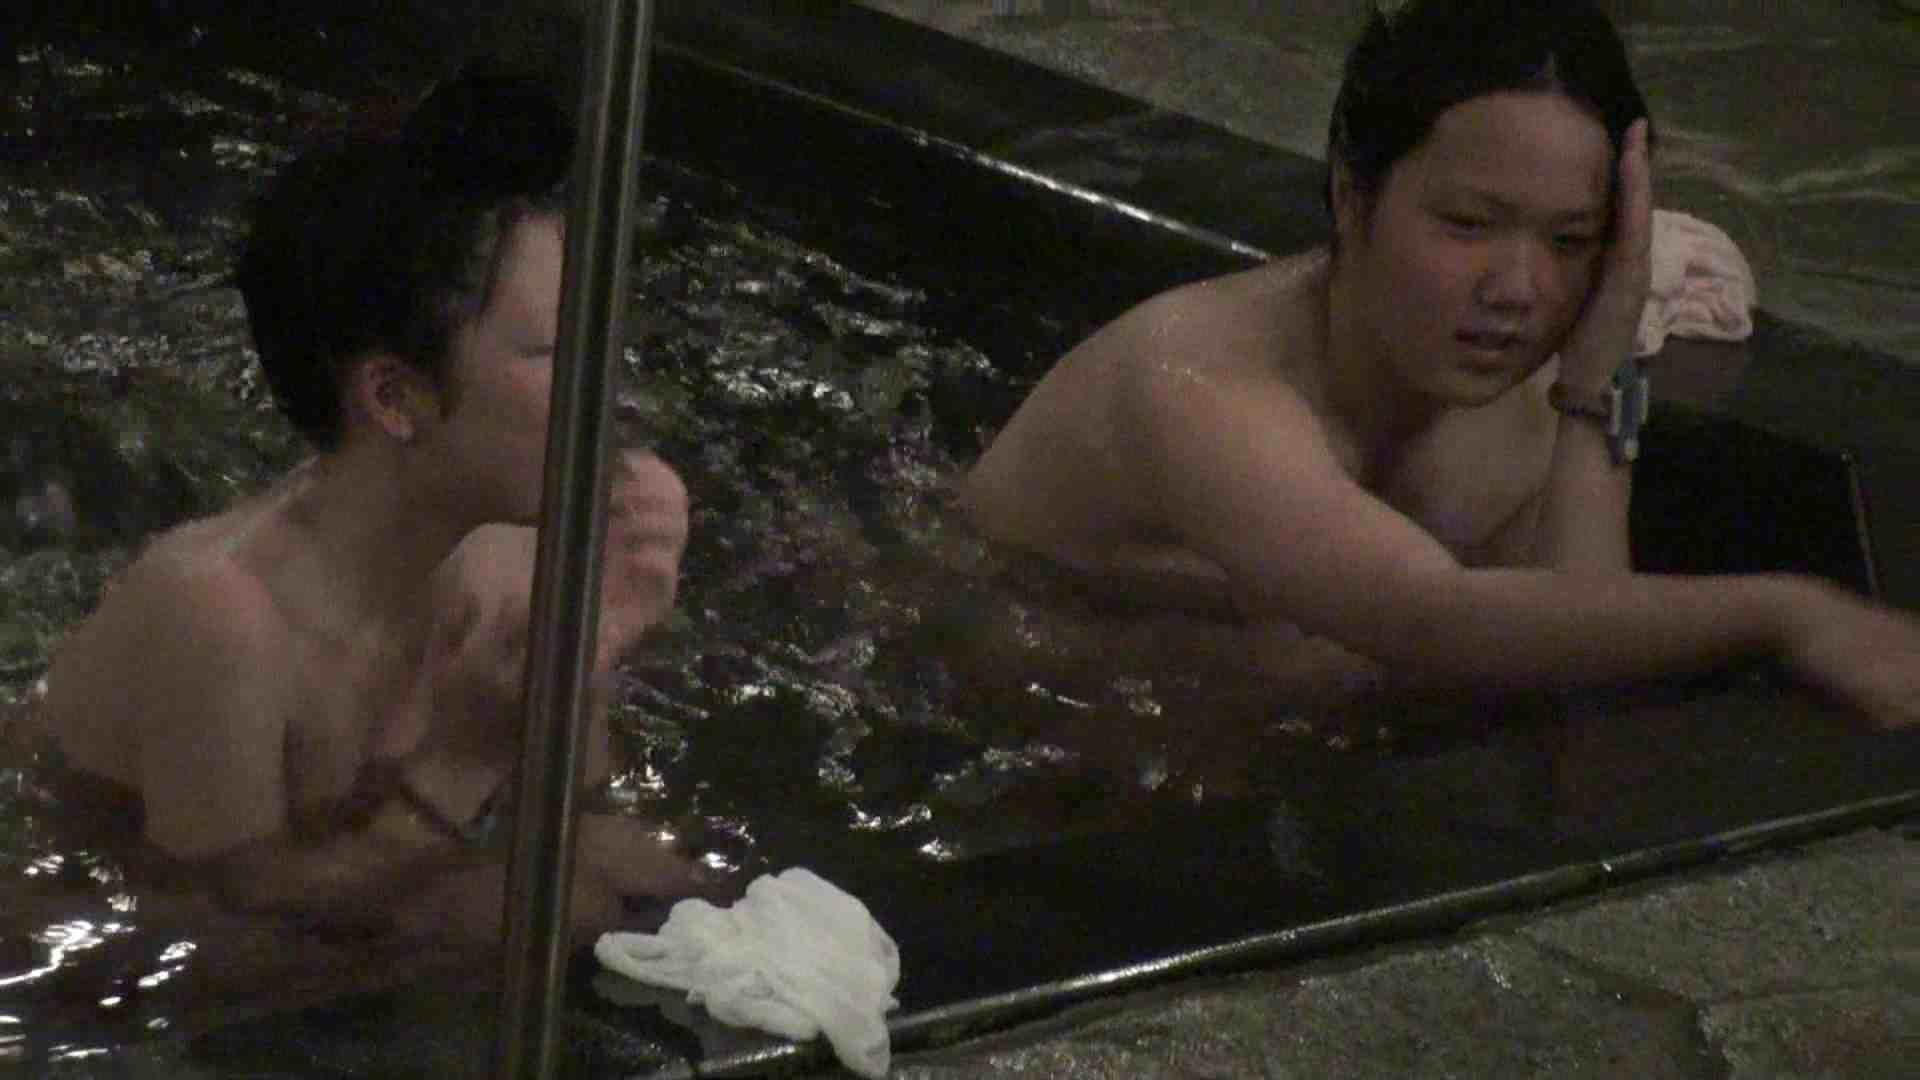 Aquaな露天風呂Vol.382 OLエロ画像  78PICs 78